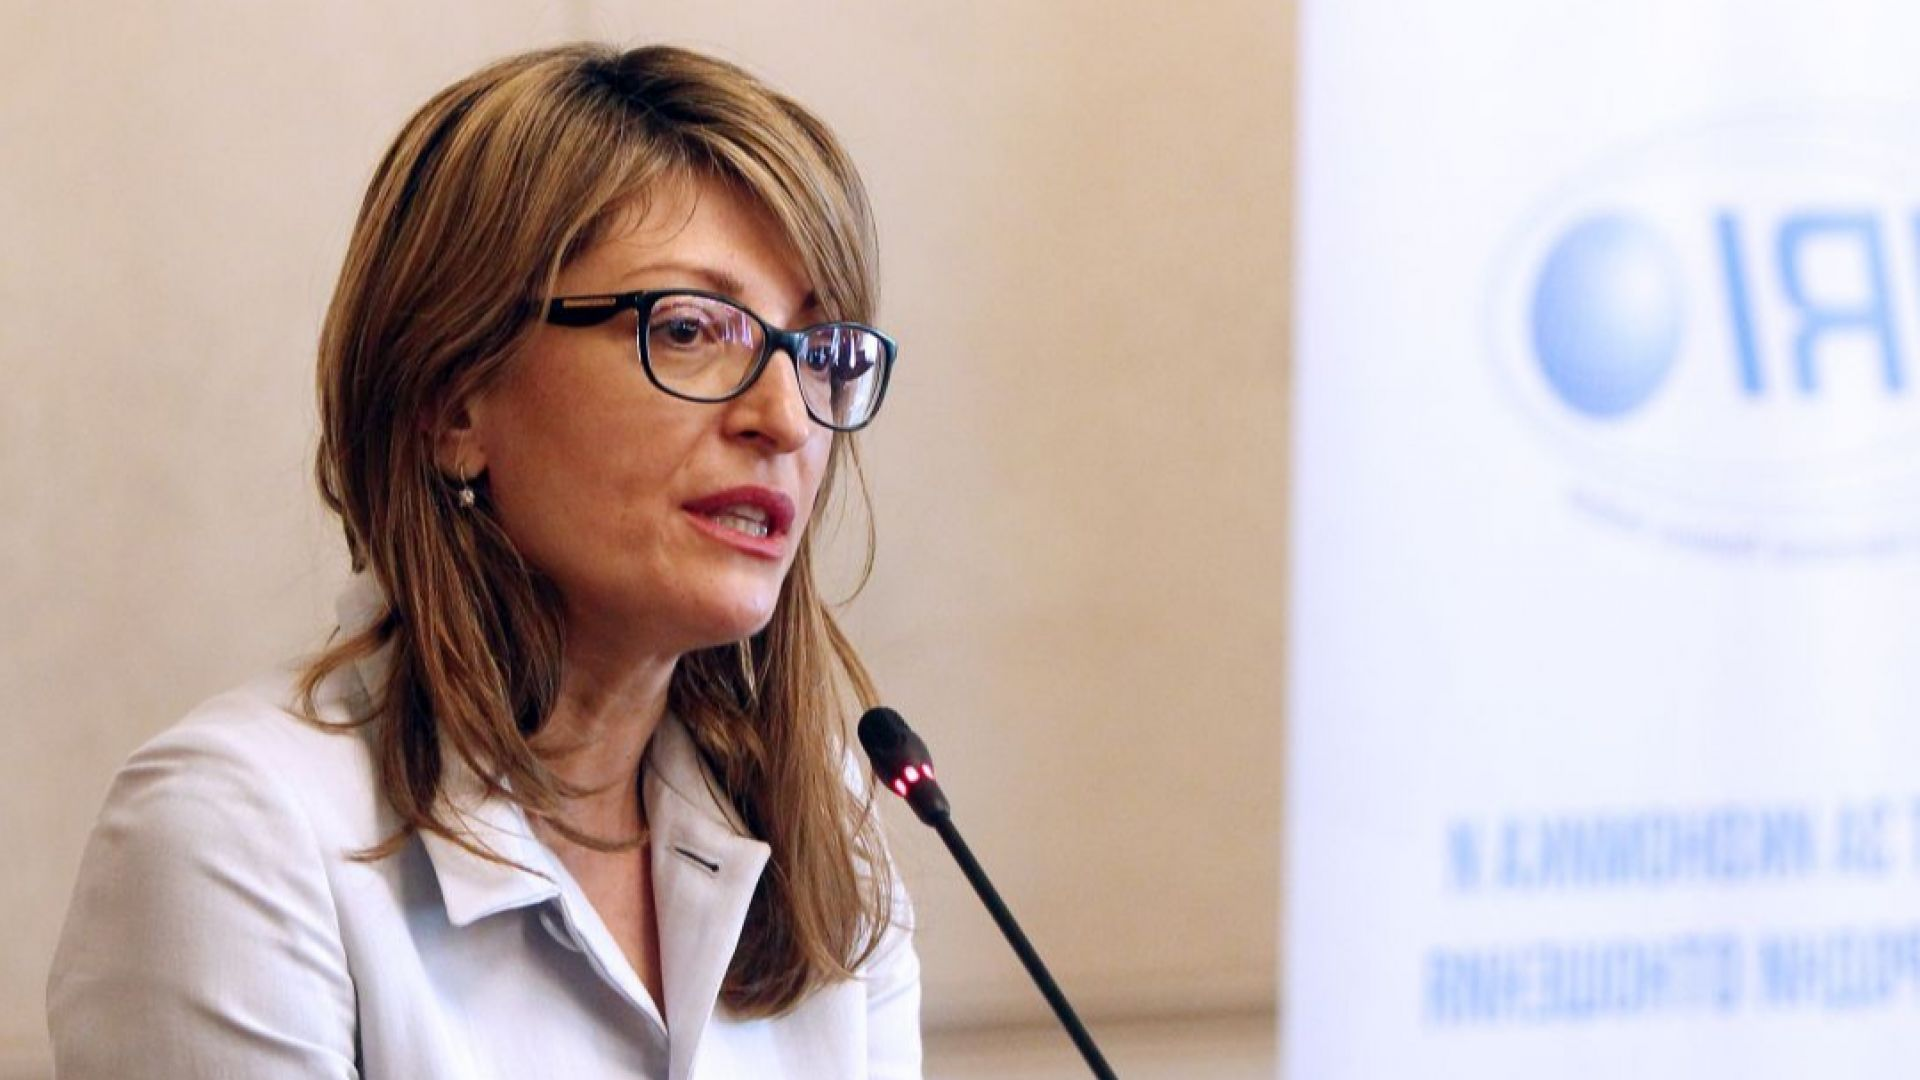 Коалицията е стабилна и вотът на недоверие ще бъде неуспешен, смята Екатерина Захариева